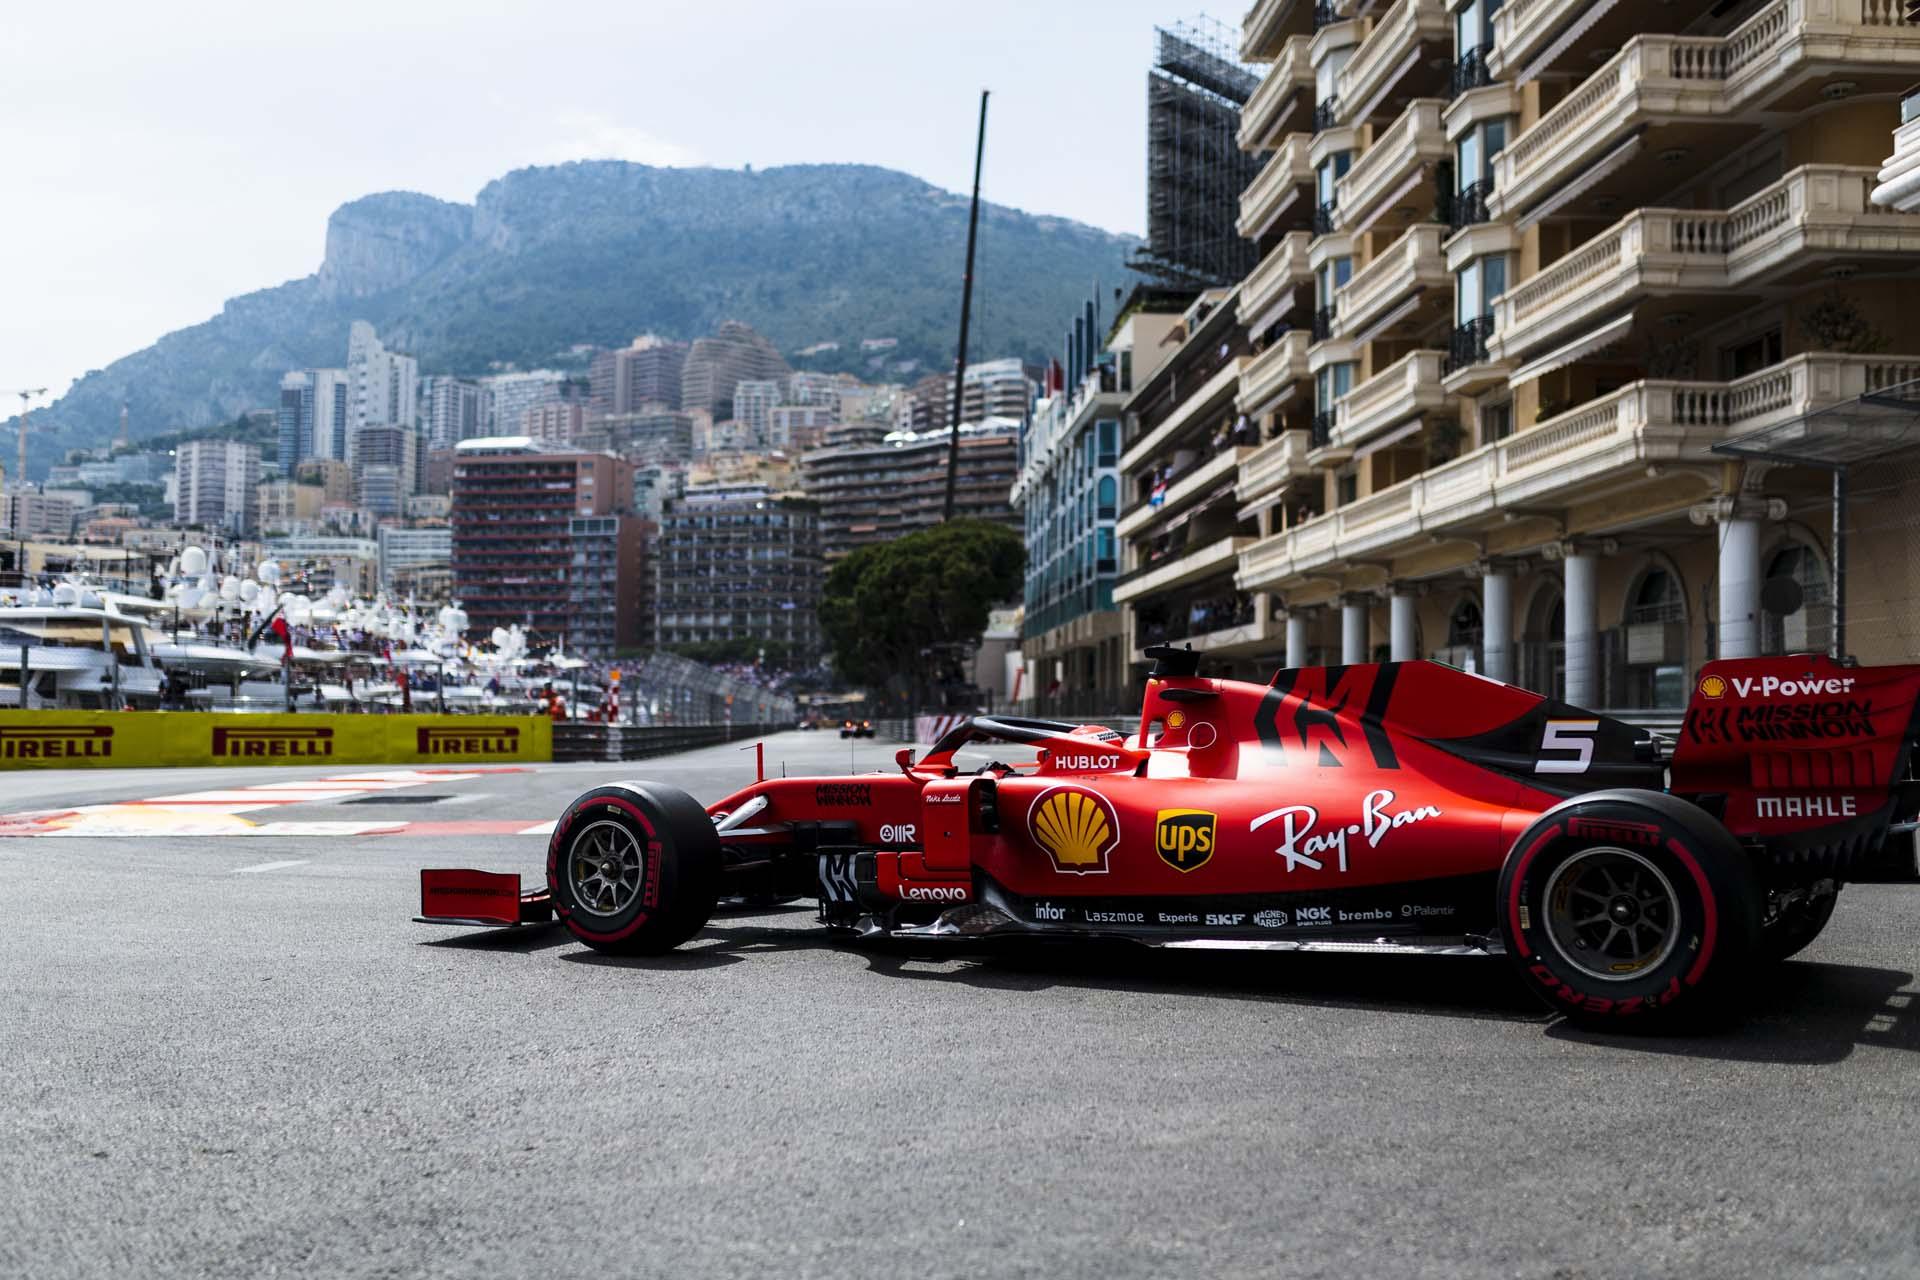 MonacoGP2019_SAT_Ferrari_190026_monaco